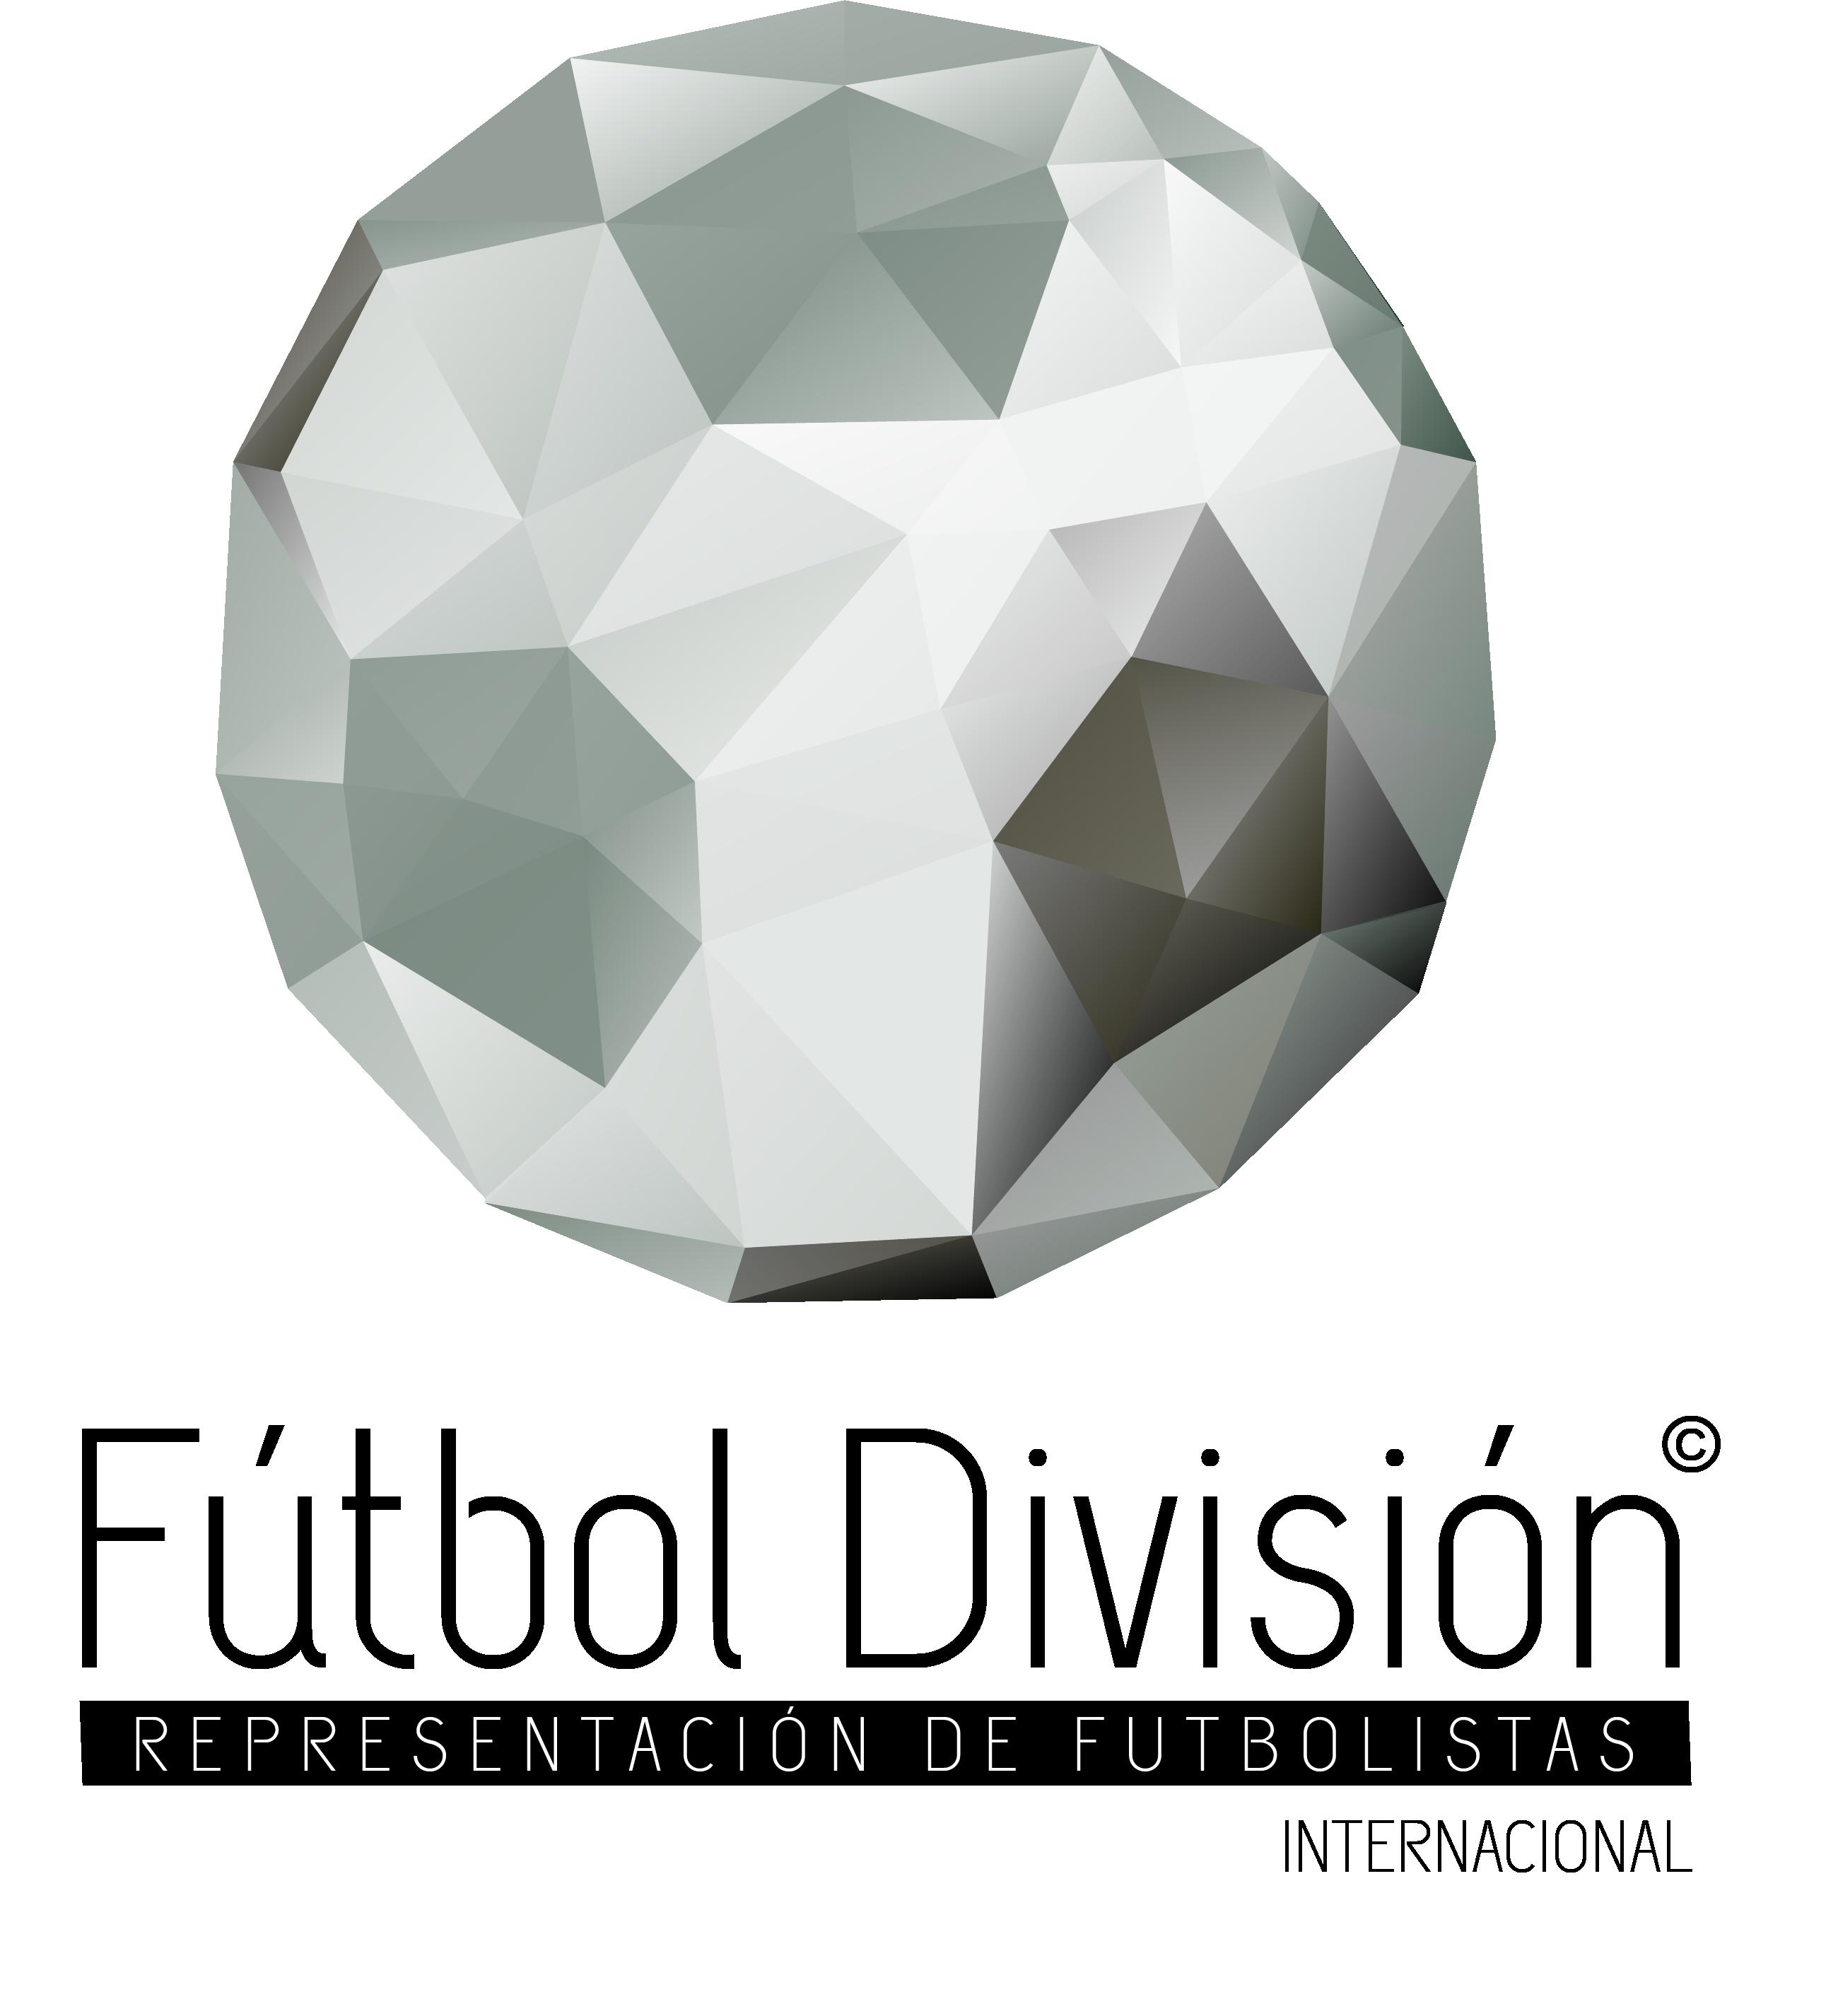 FutbolDivisión